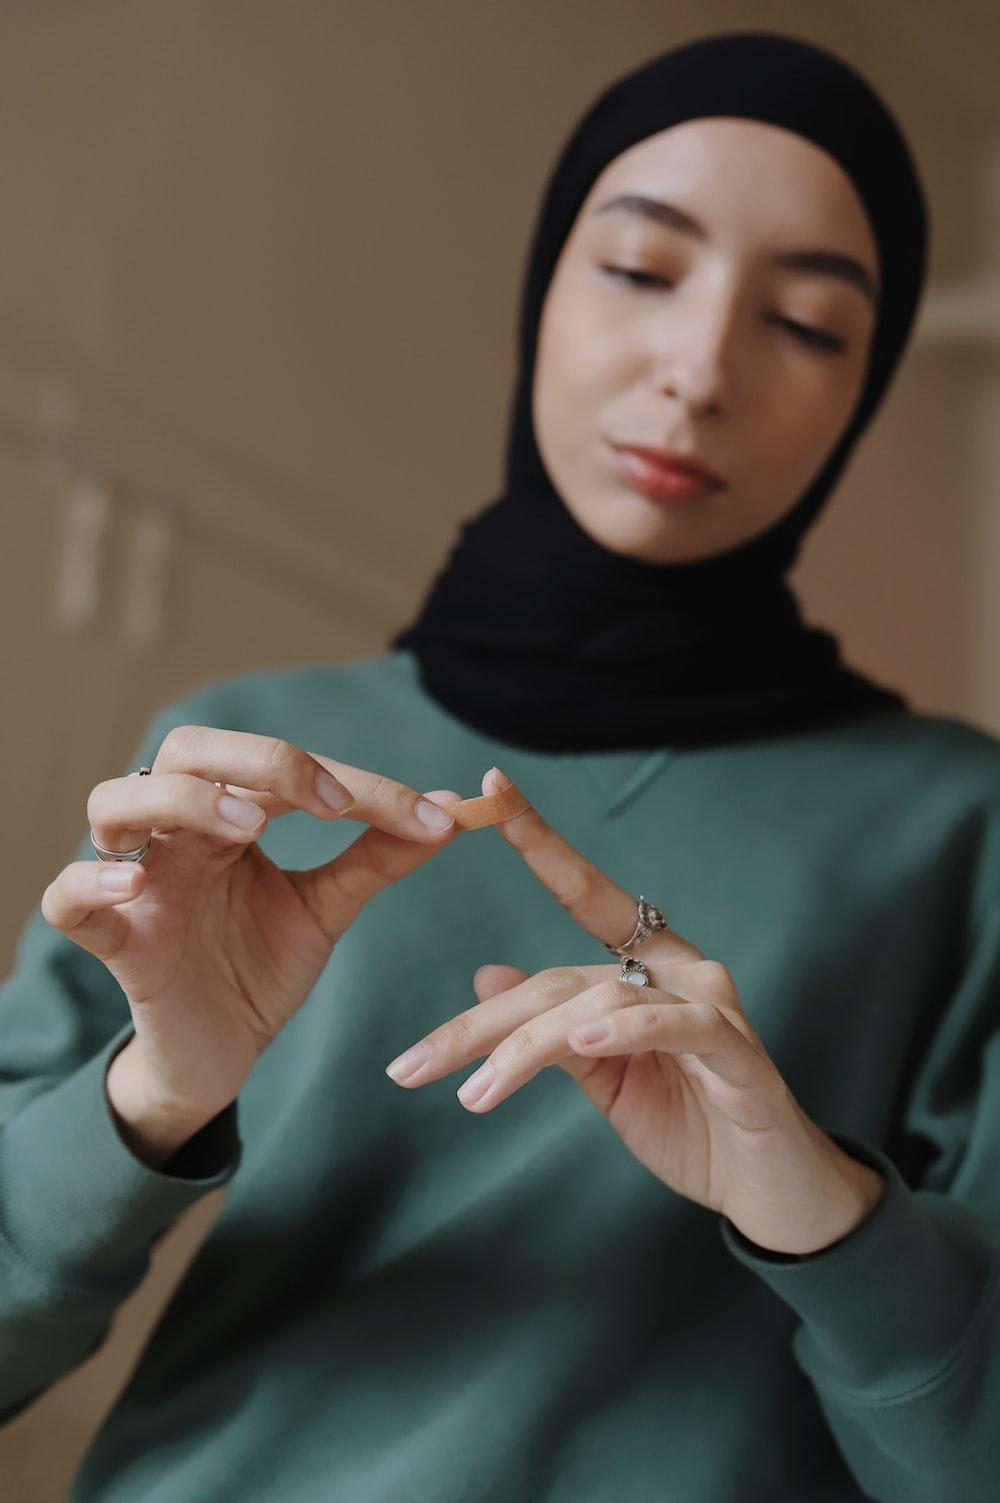 woman in green hijab and black hijab